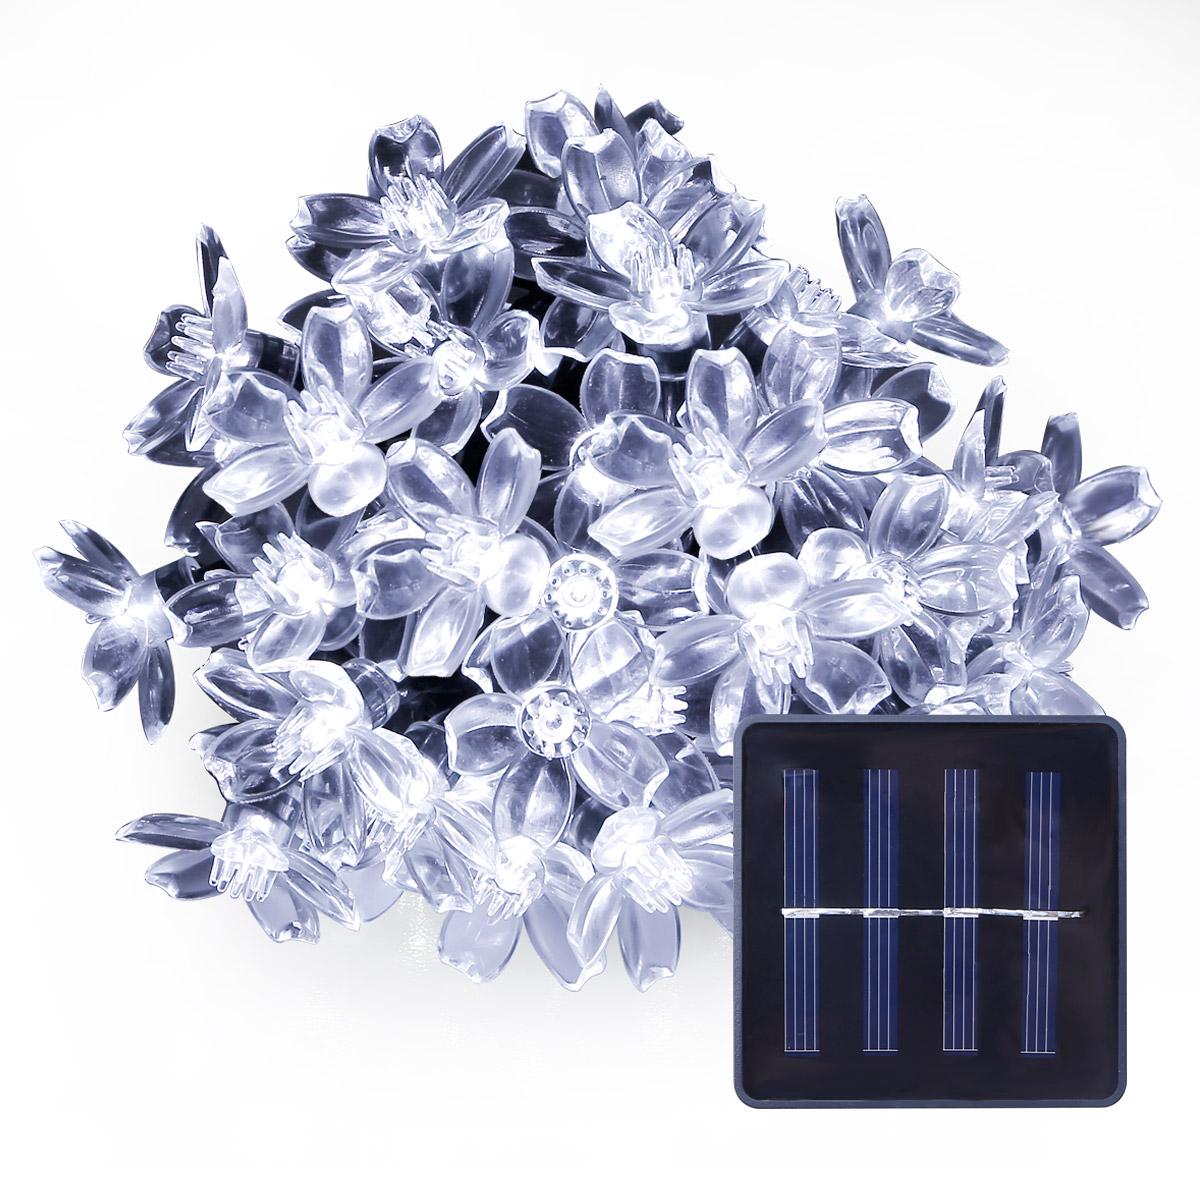 Kaltweiß Solar Lichterkette,5M, Wasserdicht, 1,2V Lichtsensor, Weihnnachtsbeleuchtung